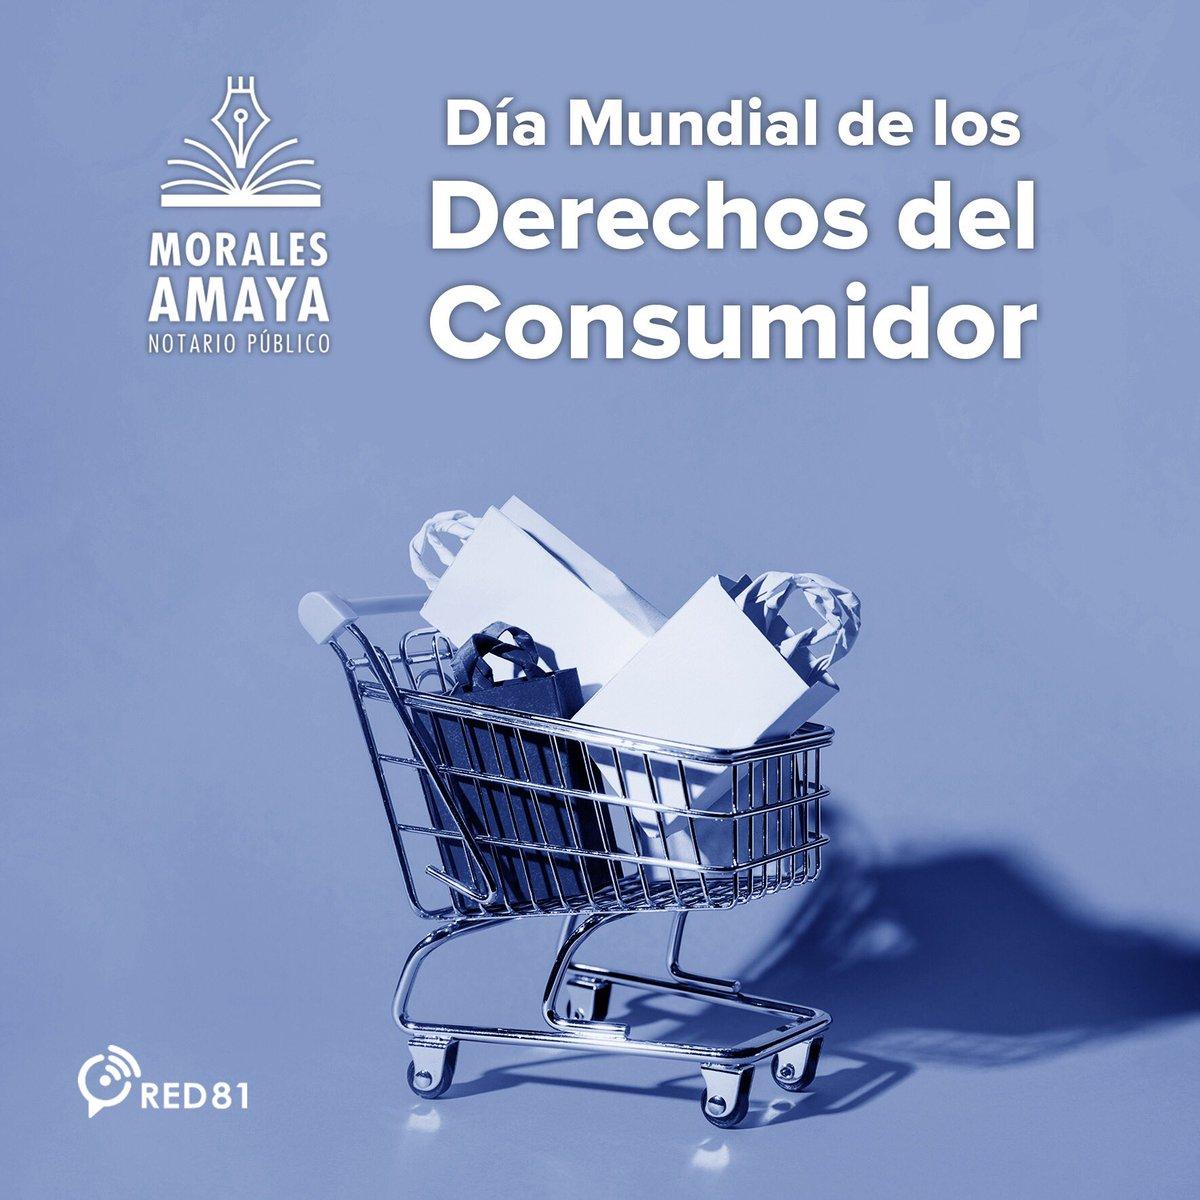 Miguel Angel Morales Amaya's photo on Derechos del Consumidor